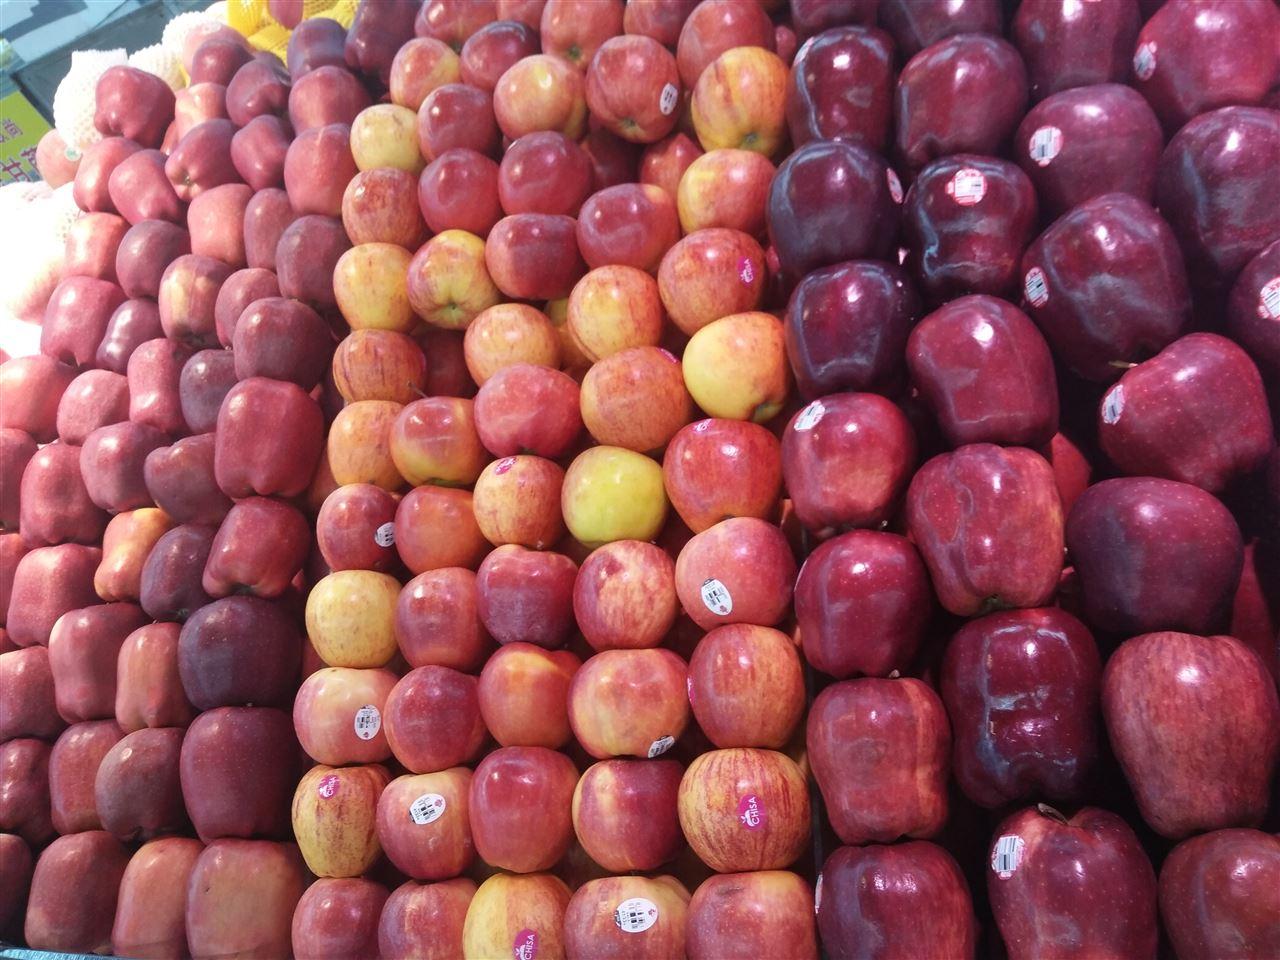 陶朗行业预测:消费升级将推动水果市场增长